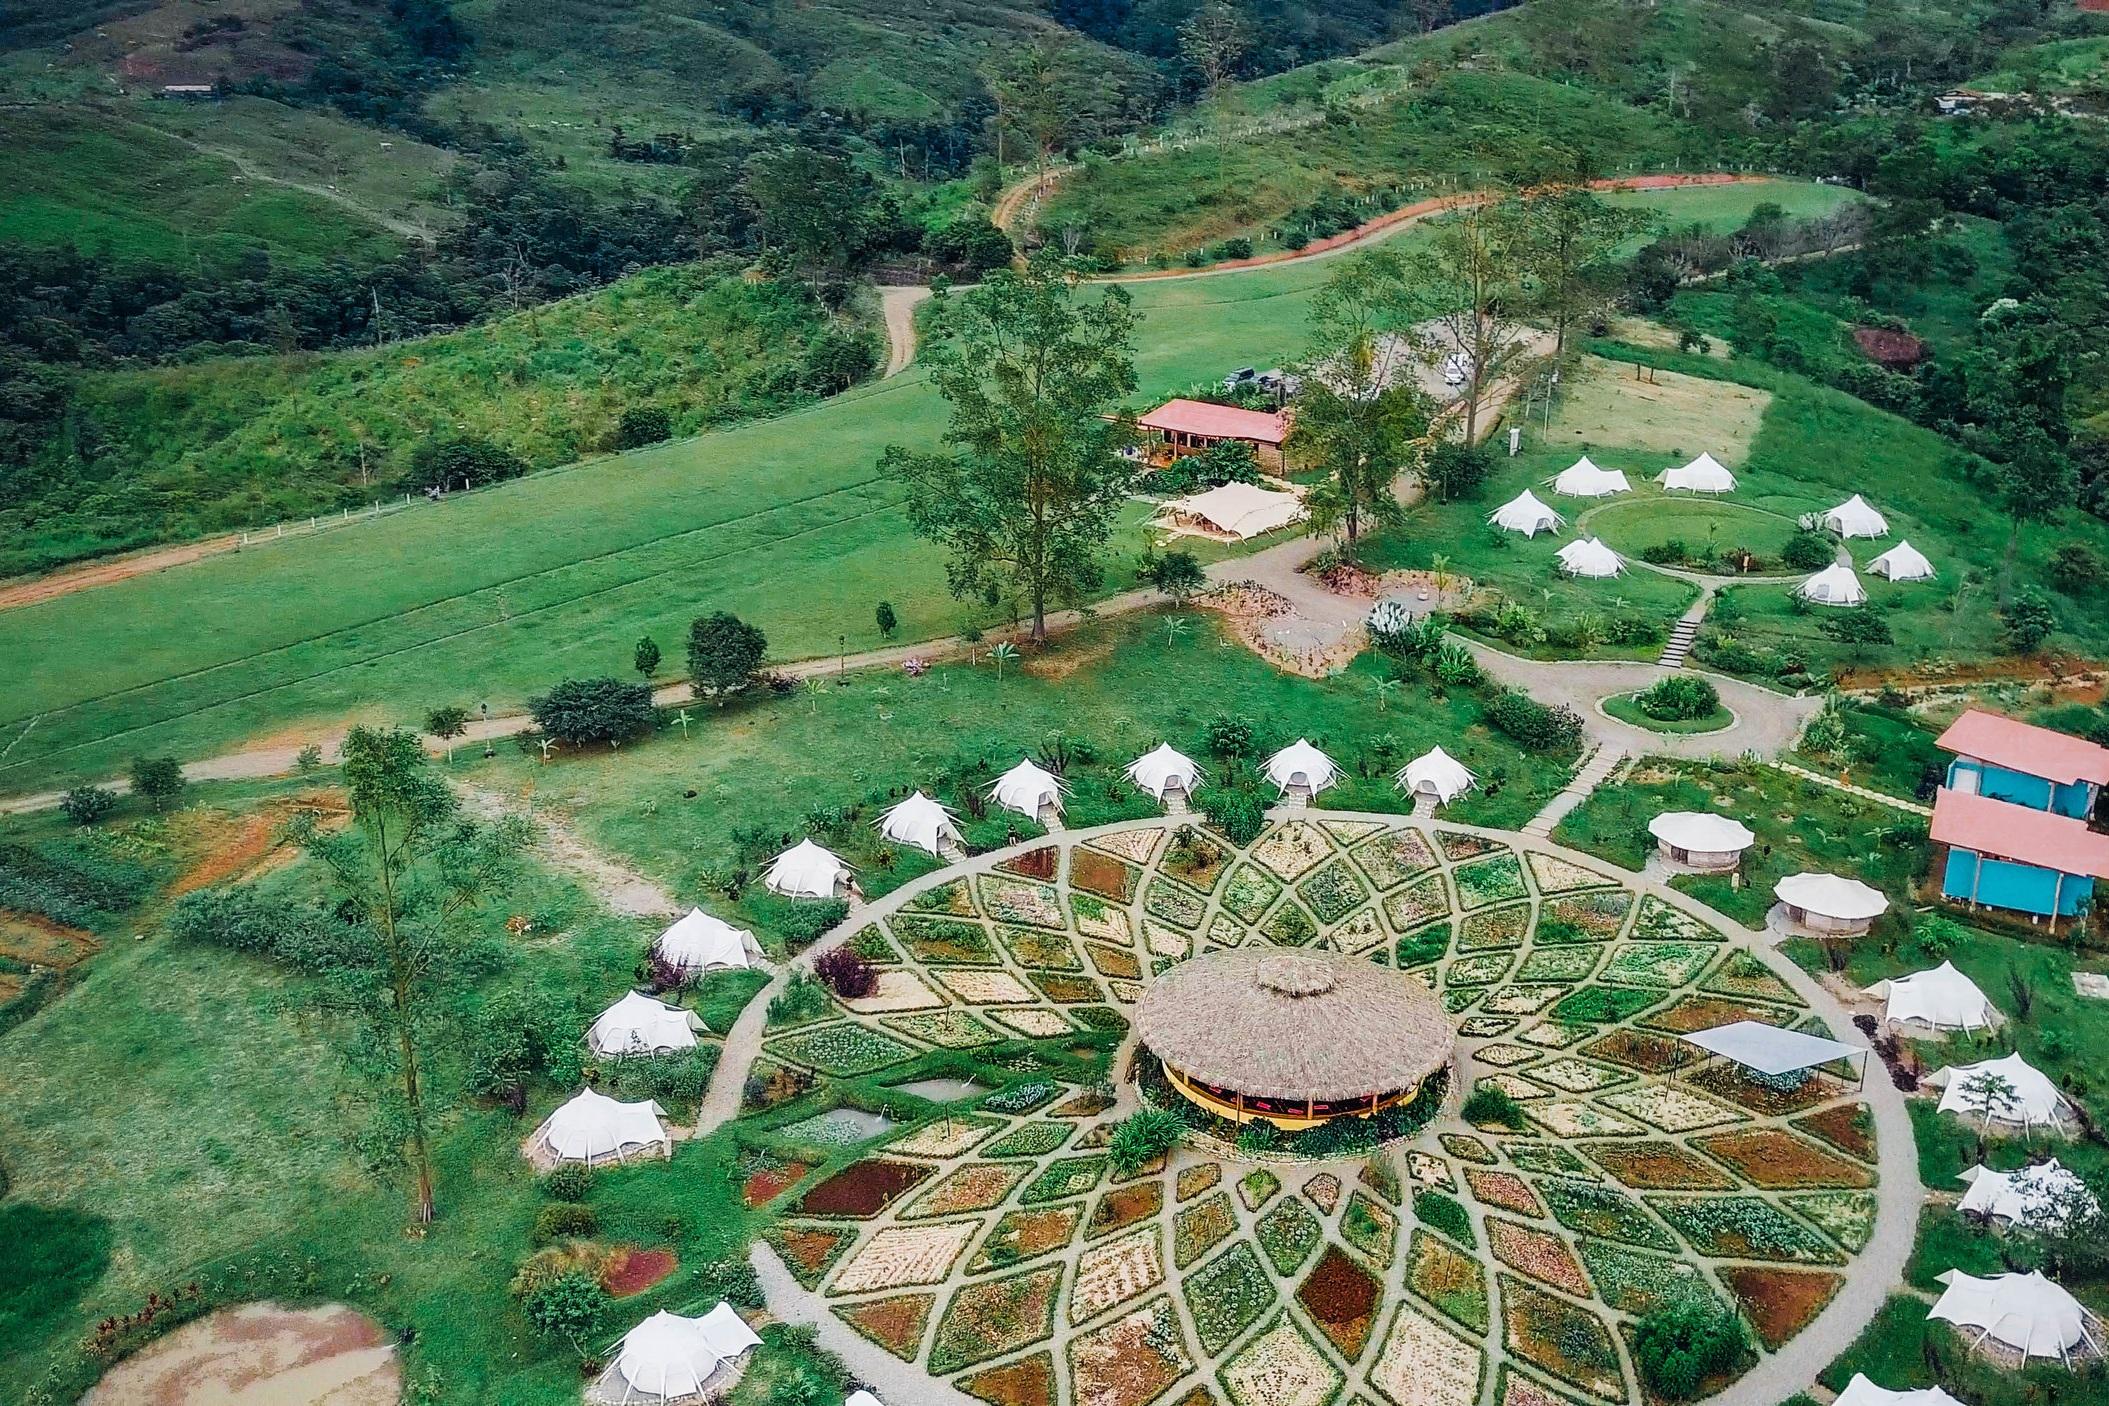 Copy of Kinkára - Pérez Zeledón, Costa Rica